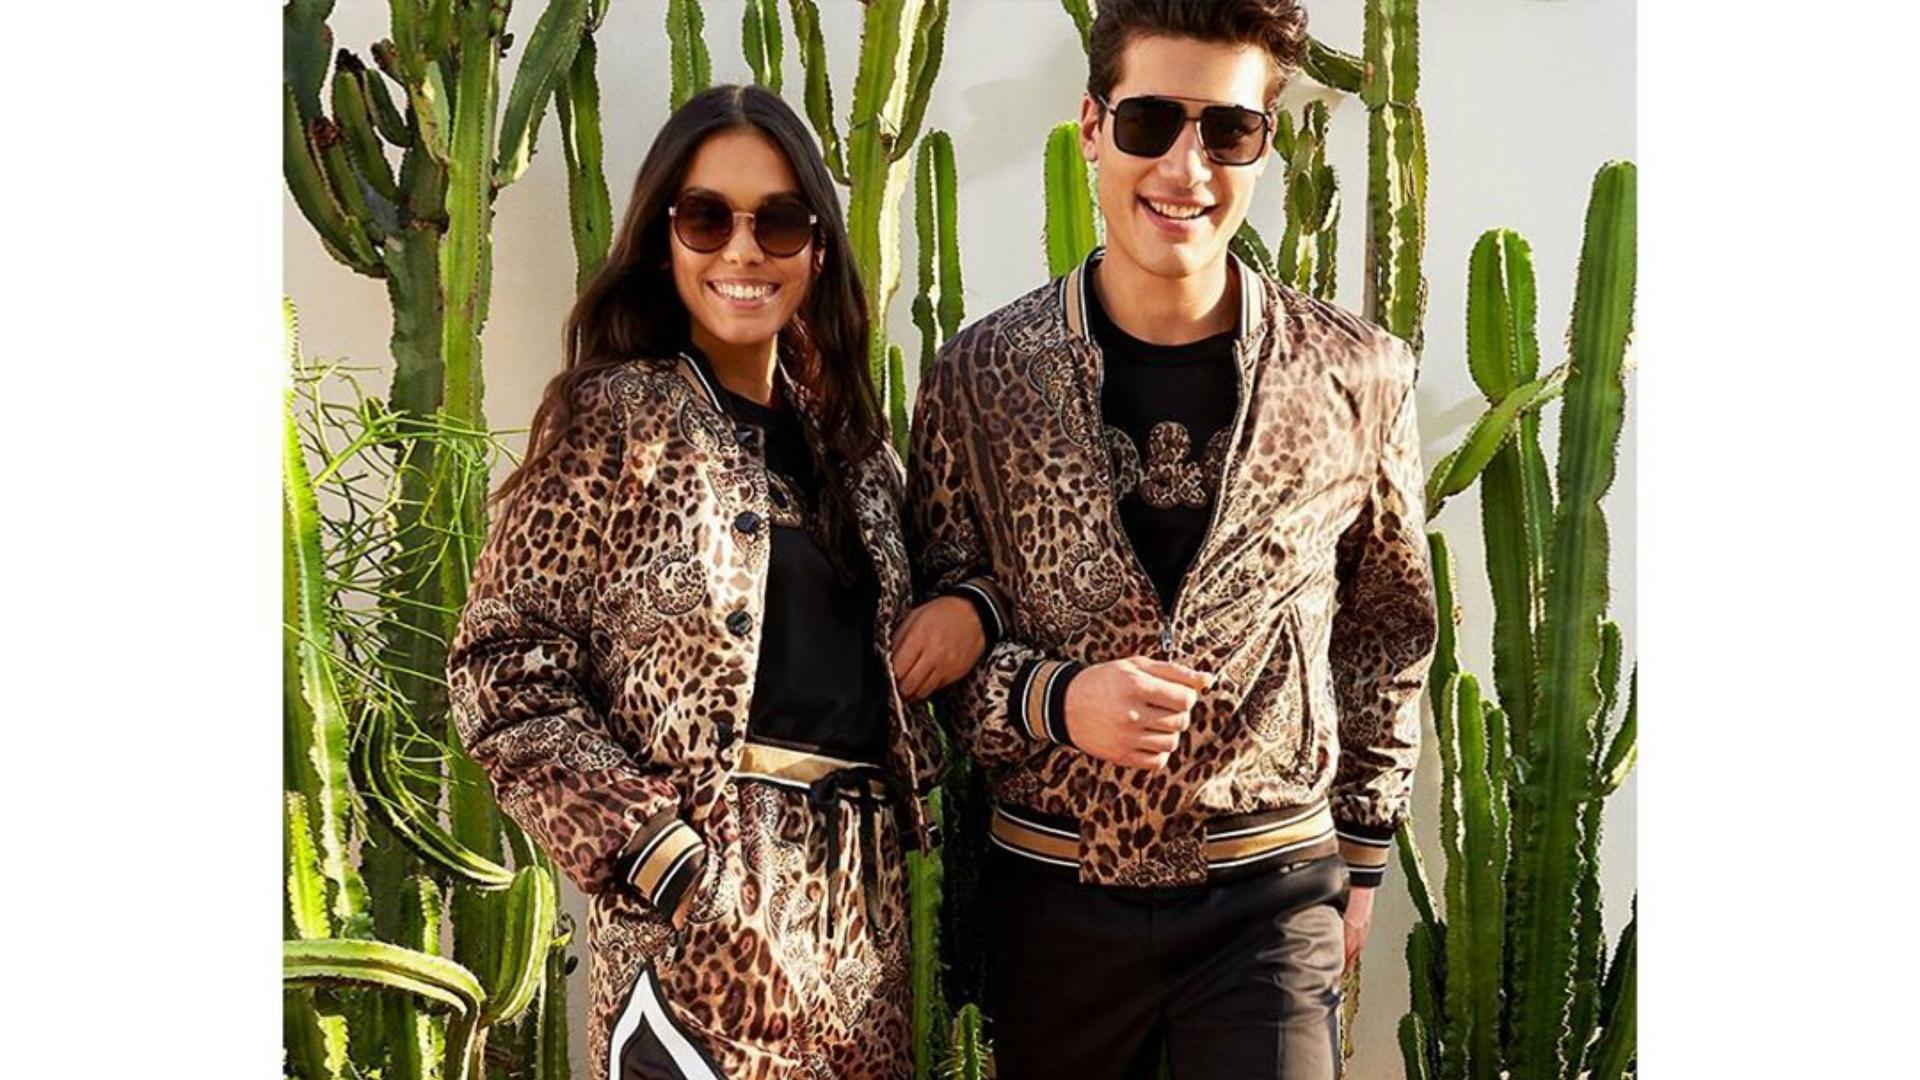 Jak być prawdziwą fashion couple? Dolce & Gabbana podpowiada cudowny prezent na walentynki